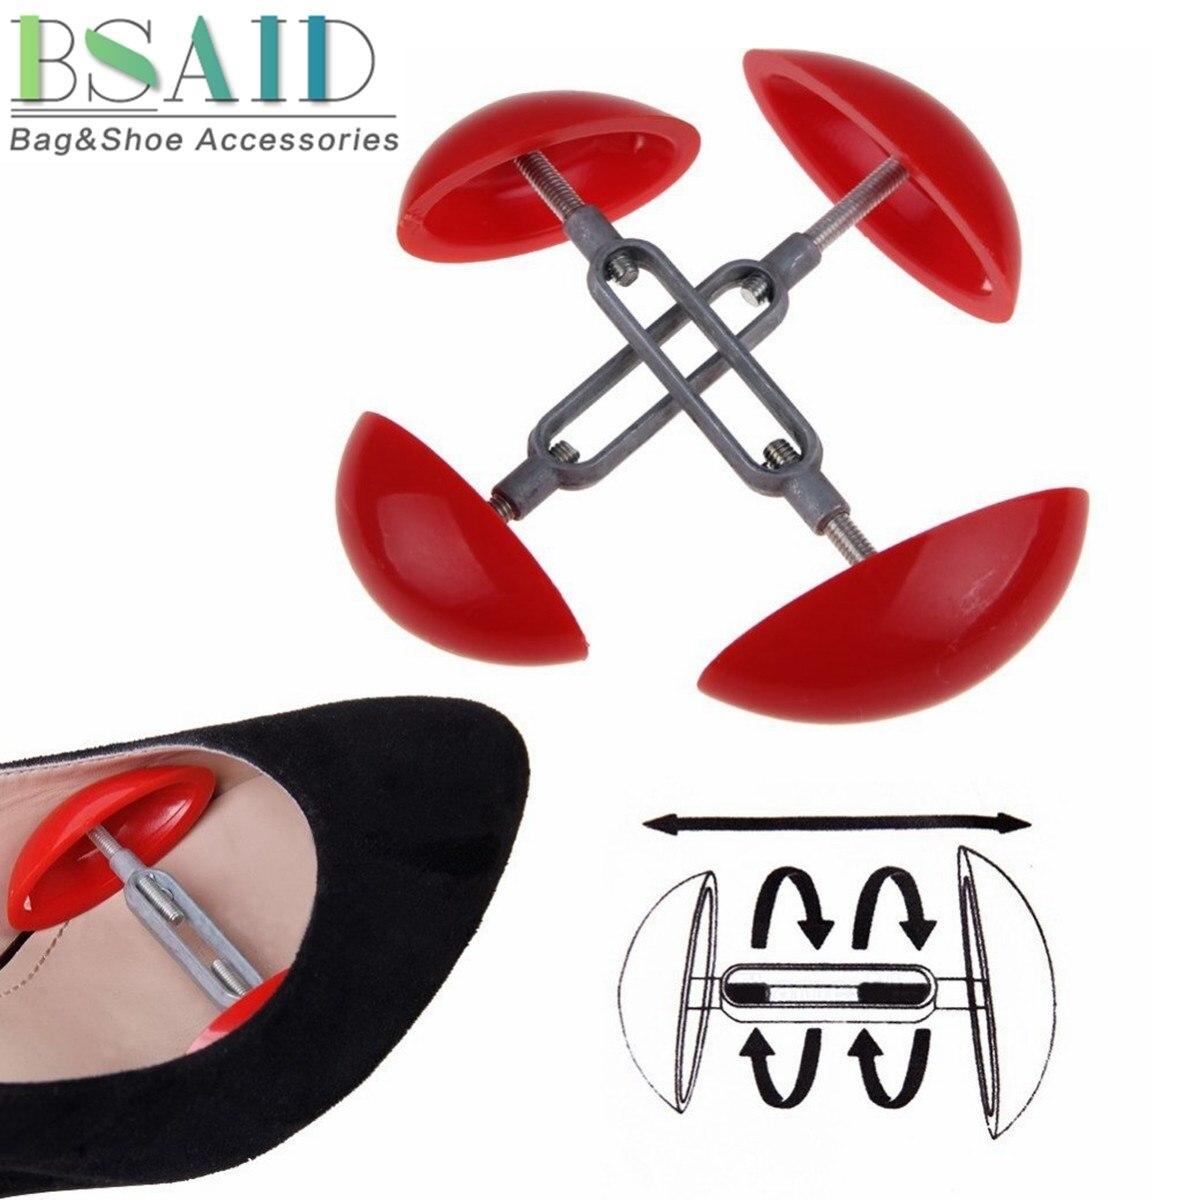 BSAID 1 пара обуви, растягиватель для обуви, подставка для формирования дерева, профессиональный мини-корсет для обуви, регулируемая ширина, расширитель для обуви